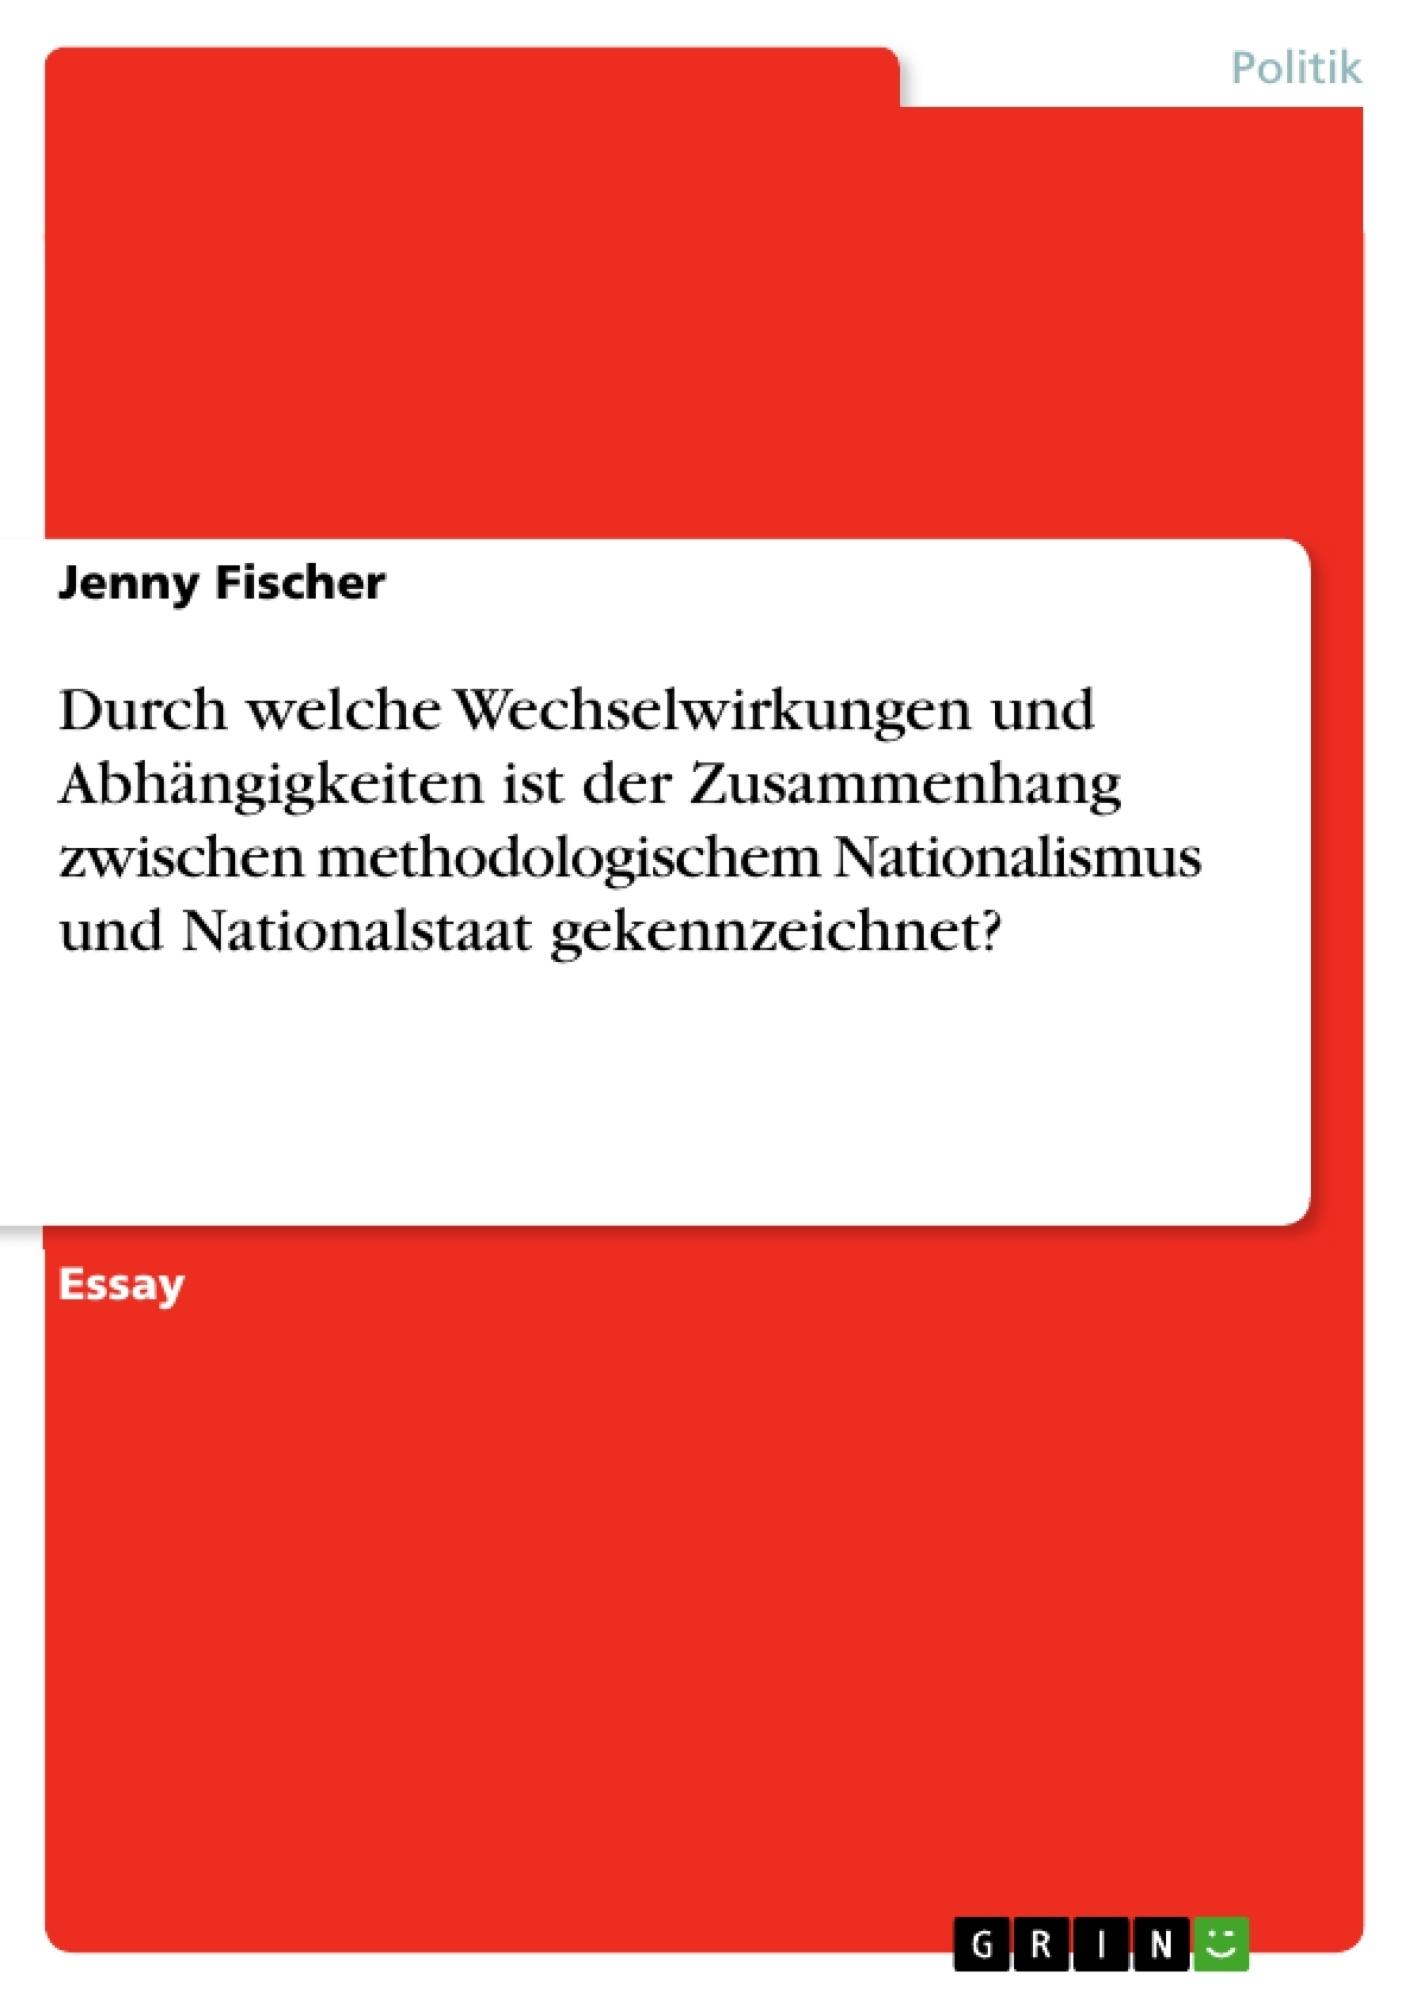 Titel: Durch welche Wechselwirkungen und Abhängigkeiten ist der Zusammenhang zwischen methodologischem Nationalismus und Nationalstaat gekennzeichnet?